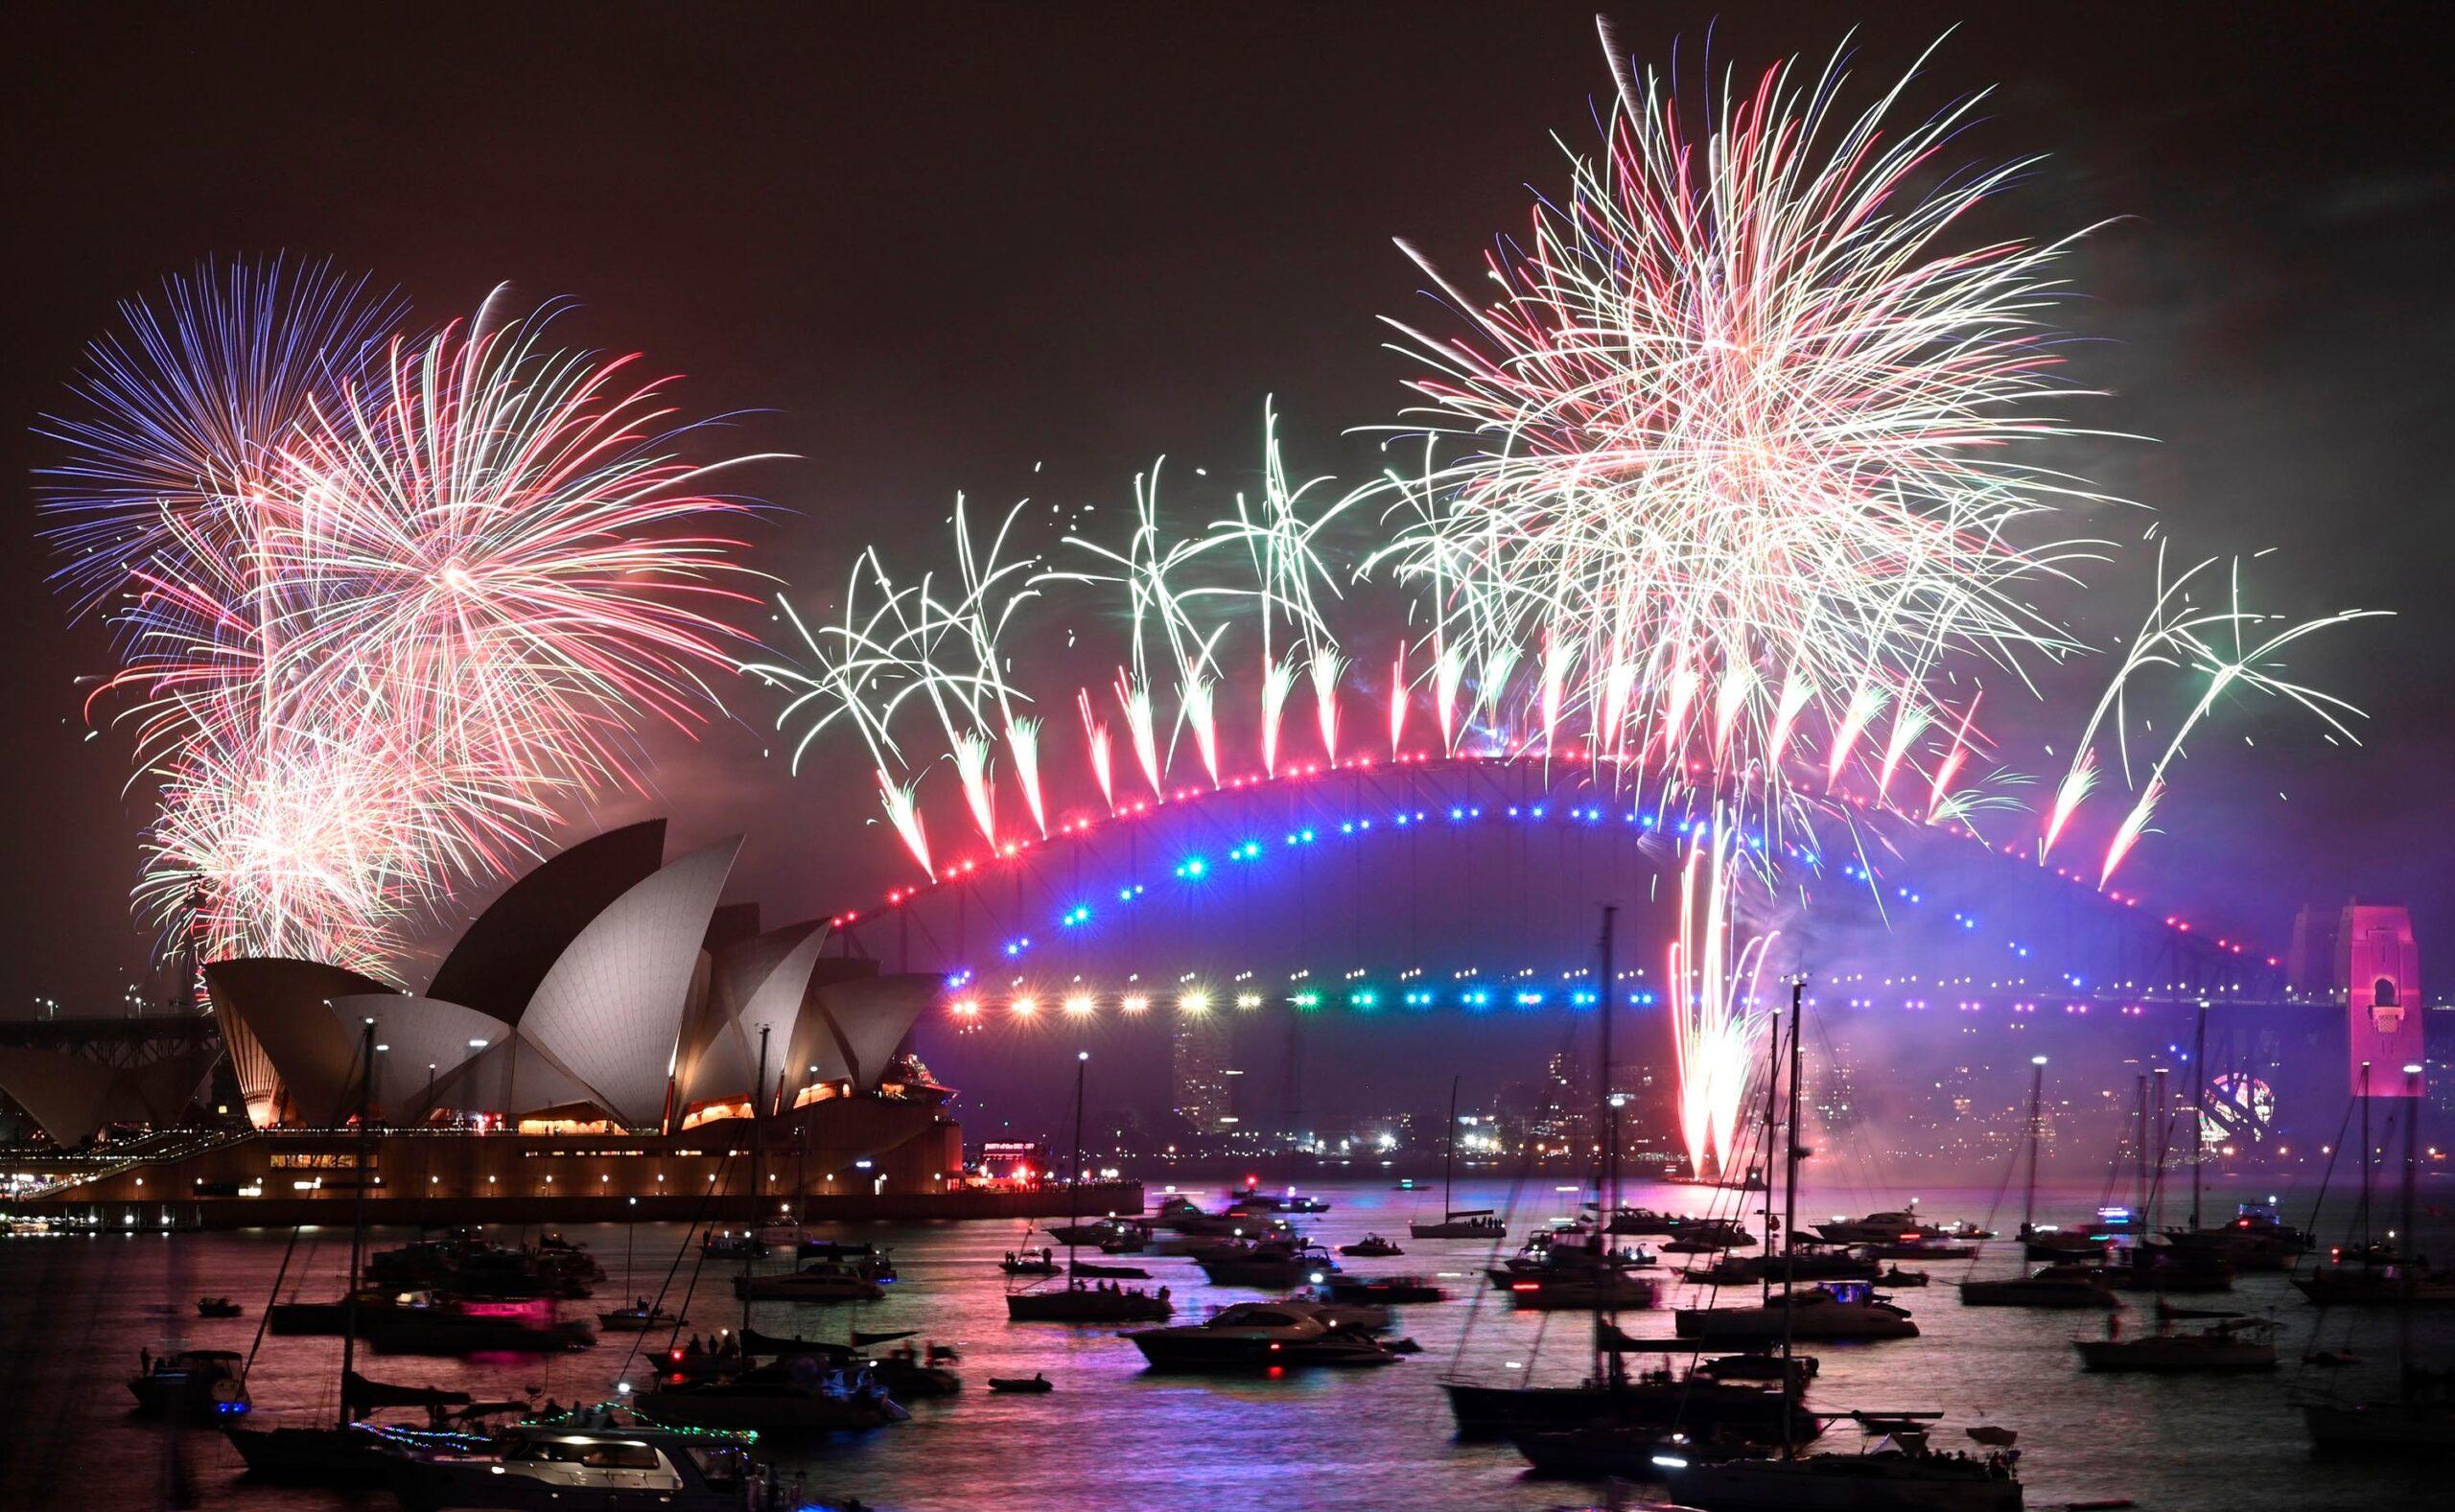 سب سے پہلے اور آخر میں کونسا ملک نئے سال کو خوش آمدید کہے گا ؟